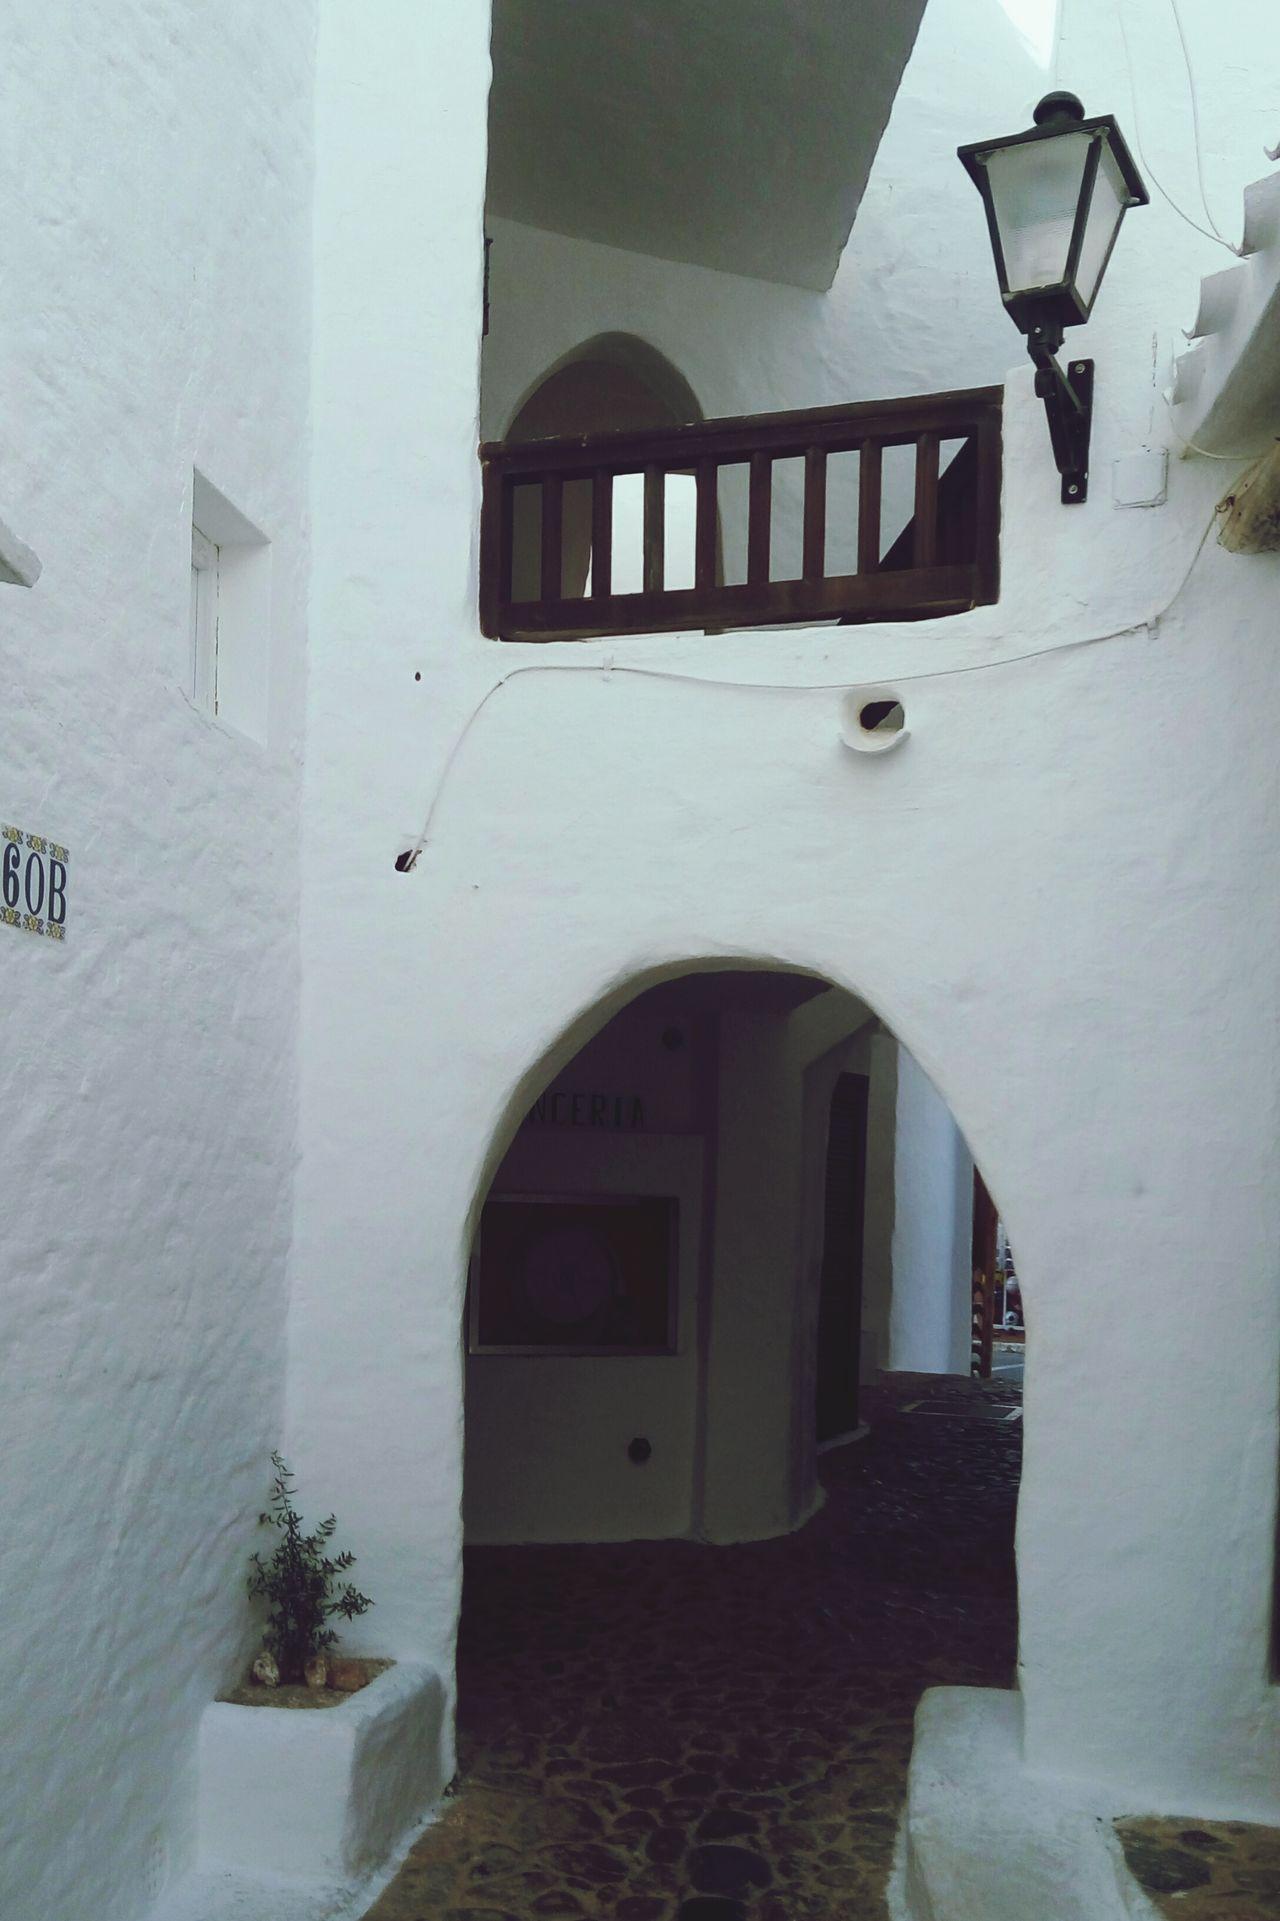 Binibeca Menorca Illes Balears Islas Baleares Casas De Pueblo Blancas Calles Pueblo Blanco España🇪🇸 Turismo Turism España SPAIN Cami De Cavalls Faro